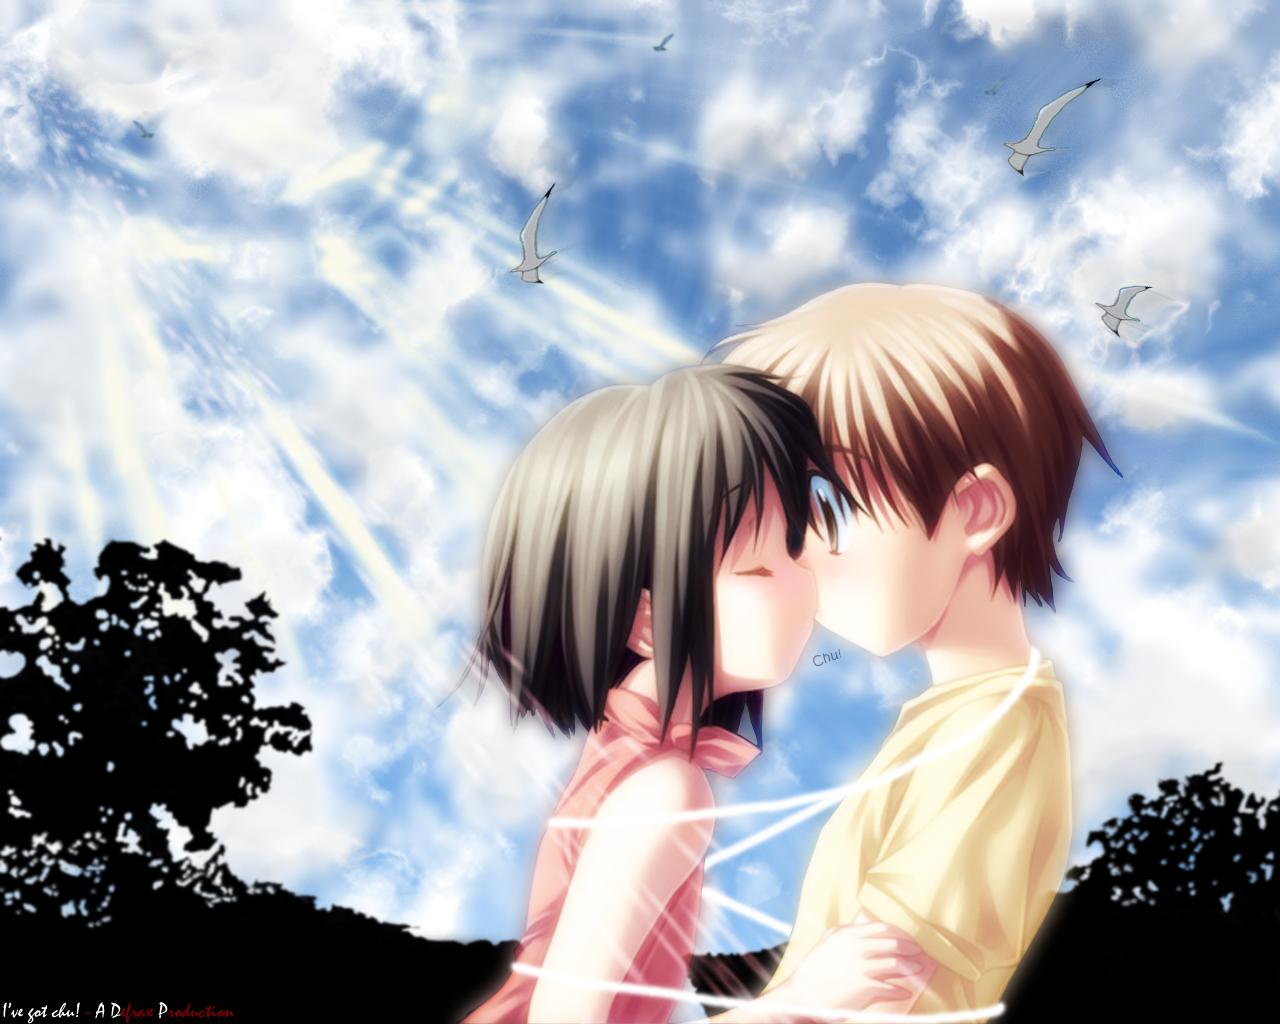 http://2.bp.blogspot.com/-1z7M1DY98RU/TV6Pdh3EeeI/AAAAAAAAAAU/IwNYsjTmm5I/s1600/anime_wallpapers-%255B1%255D.jpg